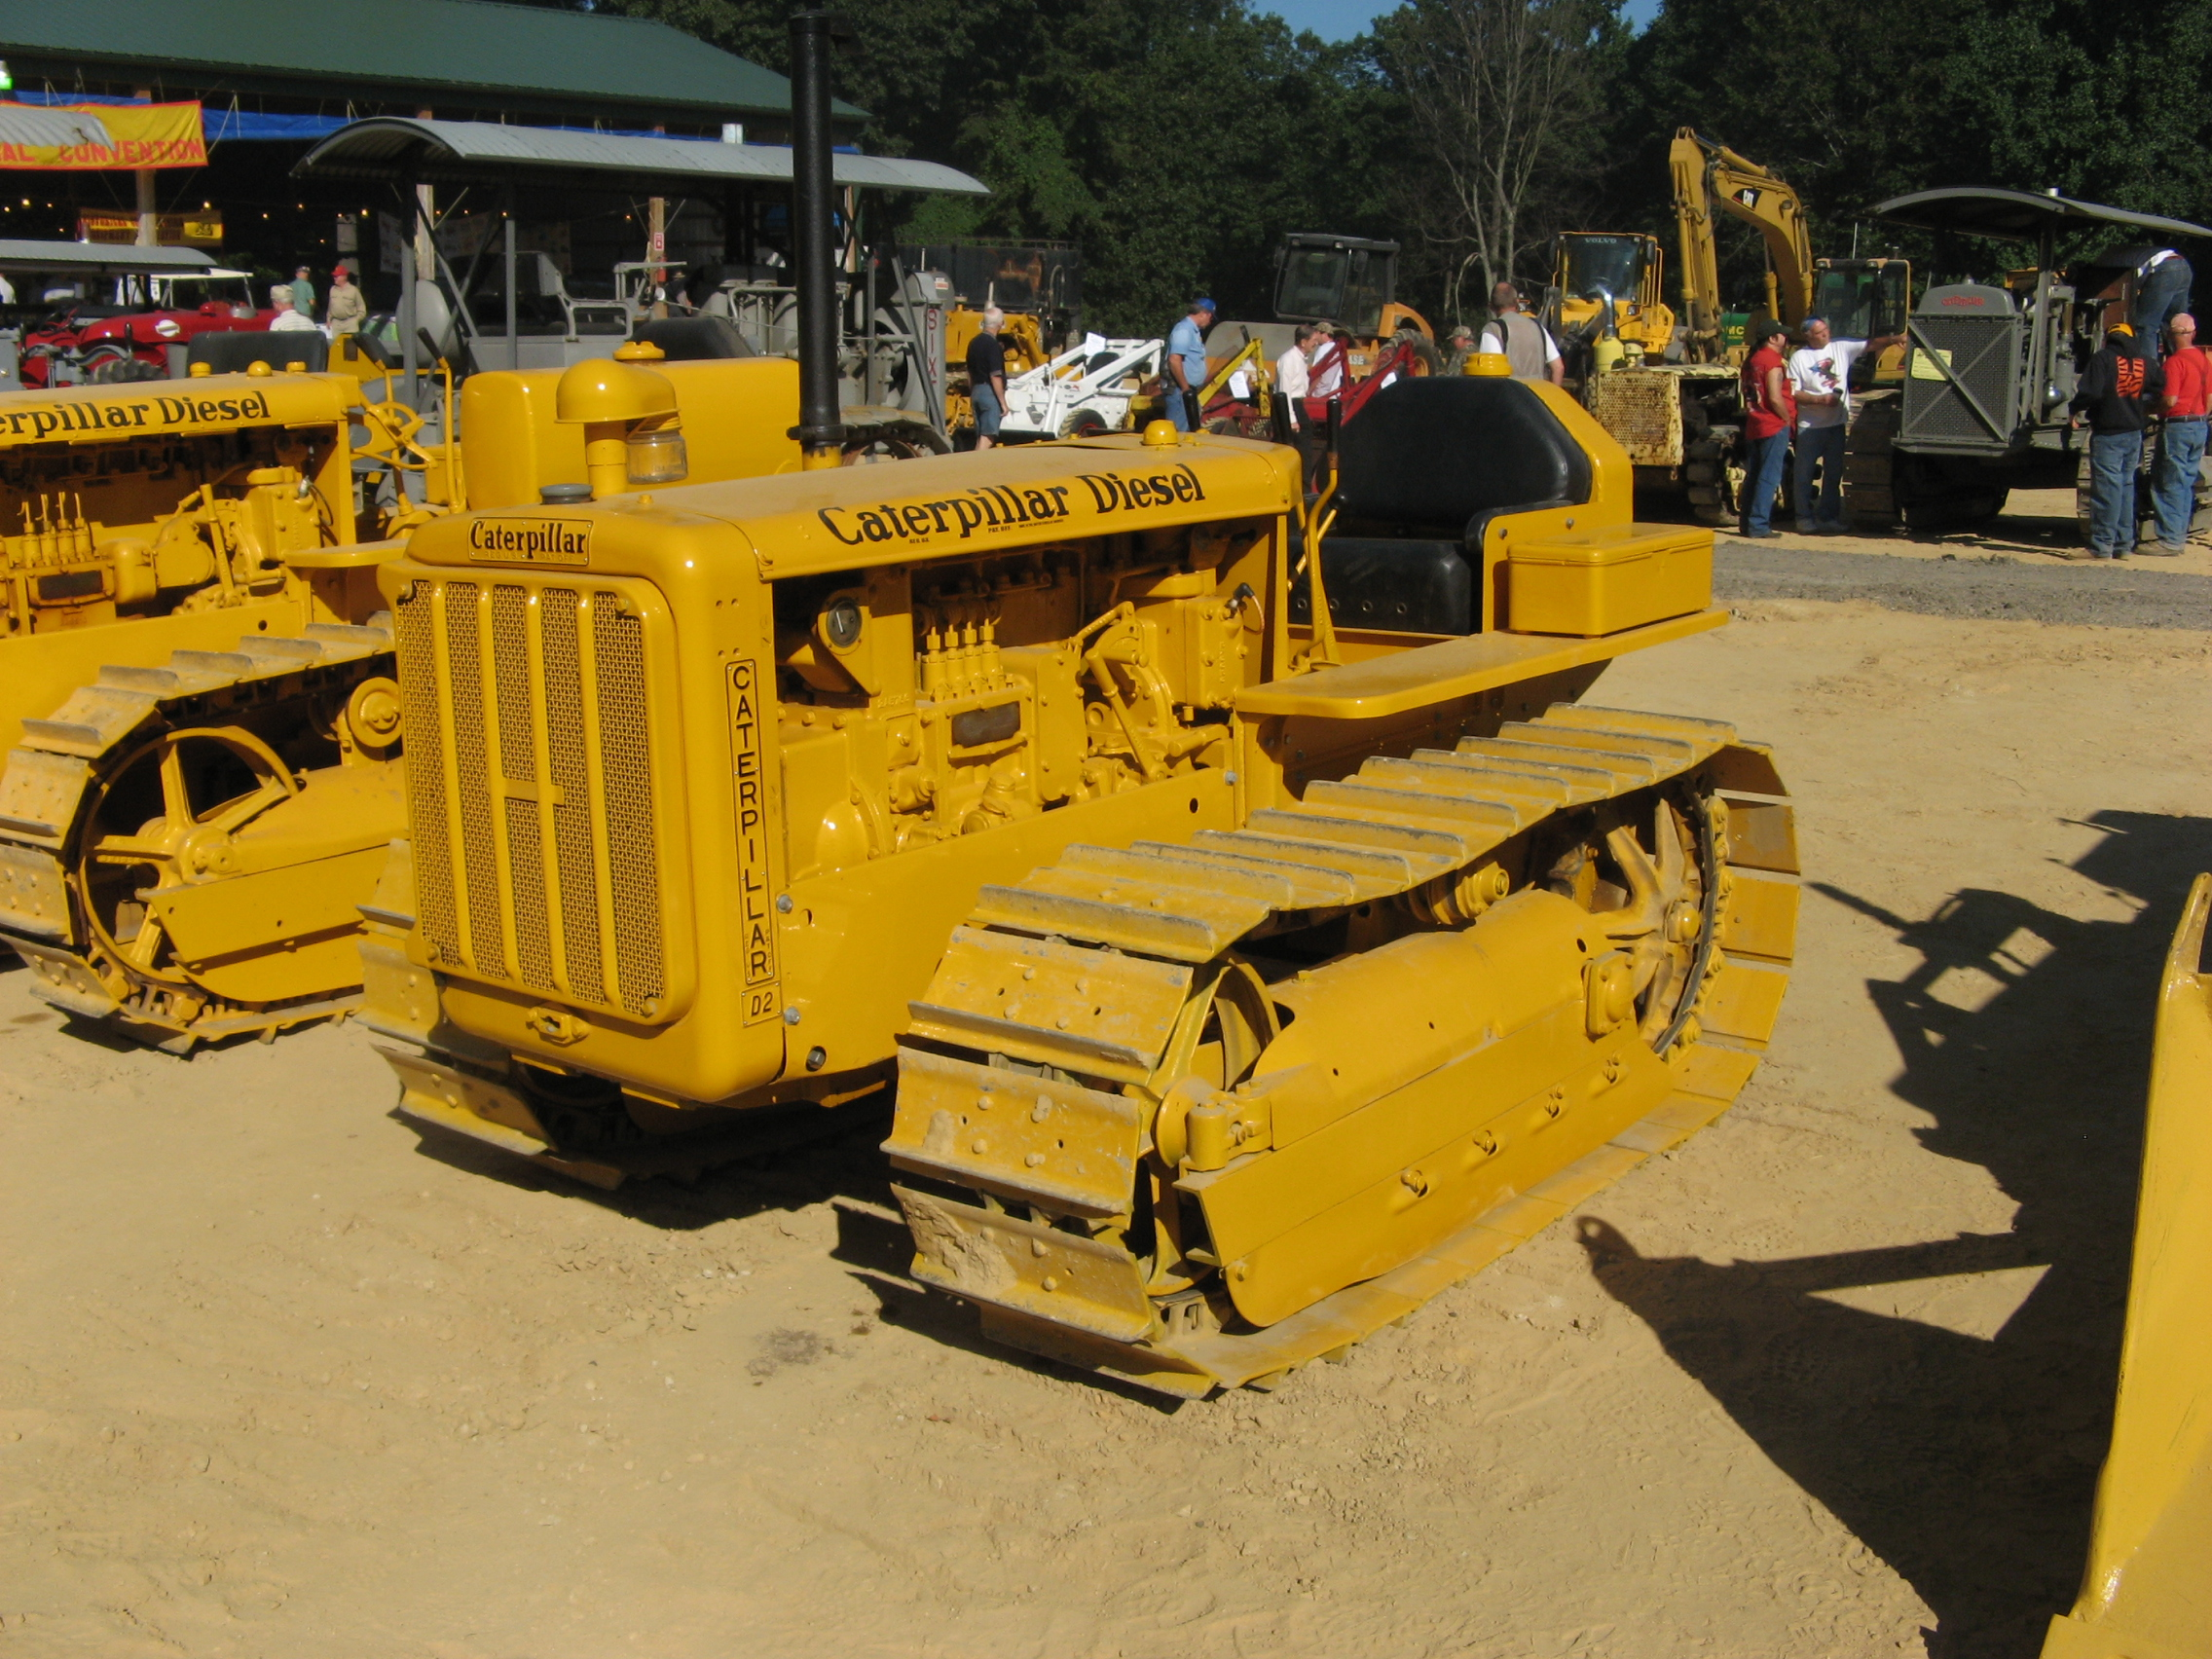 Caterpillar D-2 tractor (1938), Brownsville,PA